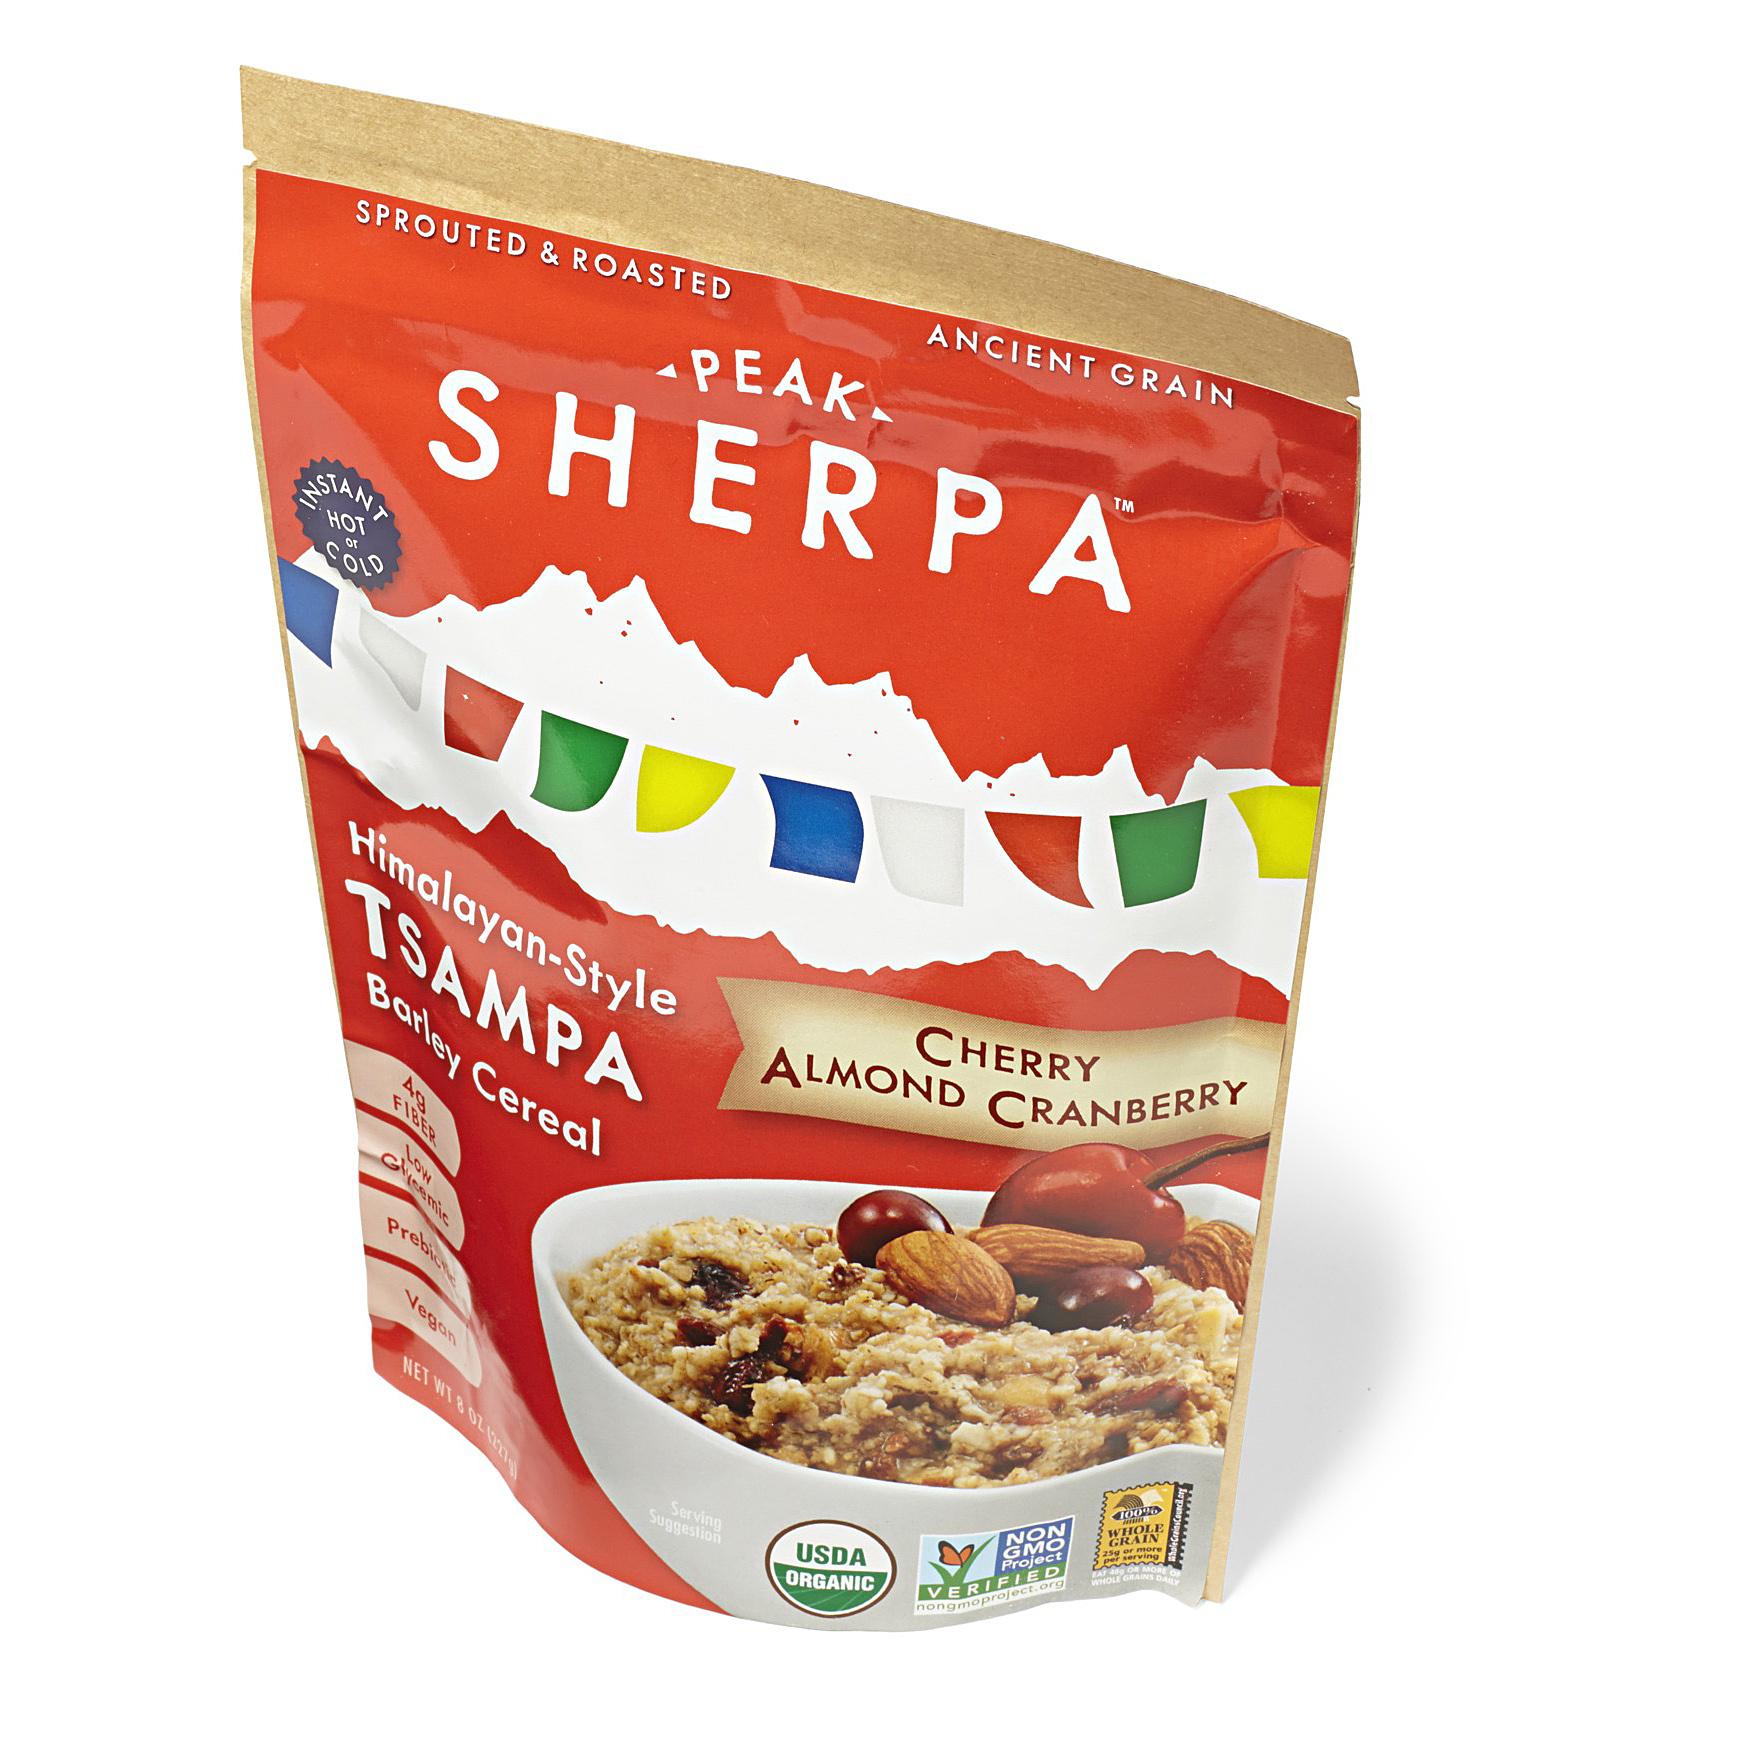 peak sherpa cherry almond cranberry tsampa